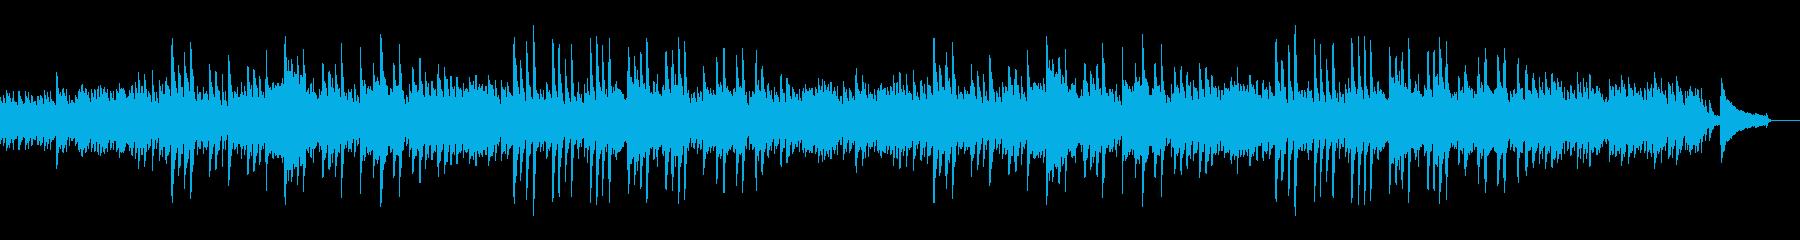 のどかで爽やかな、少し感動的なピアノ曲の再生済みの波形